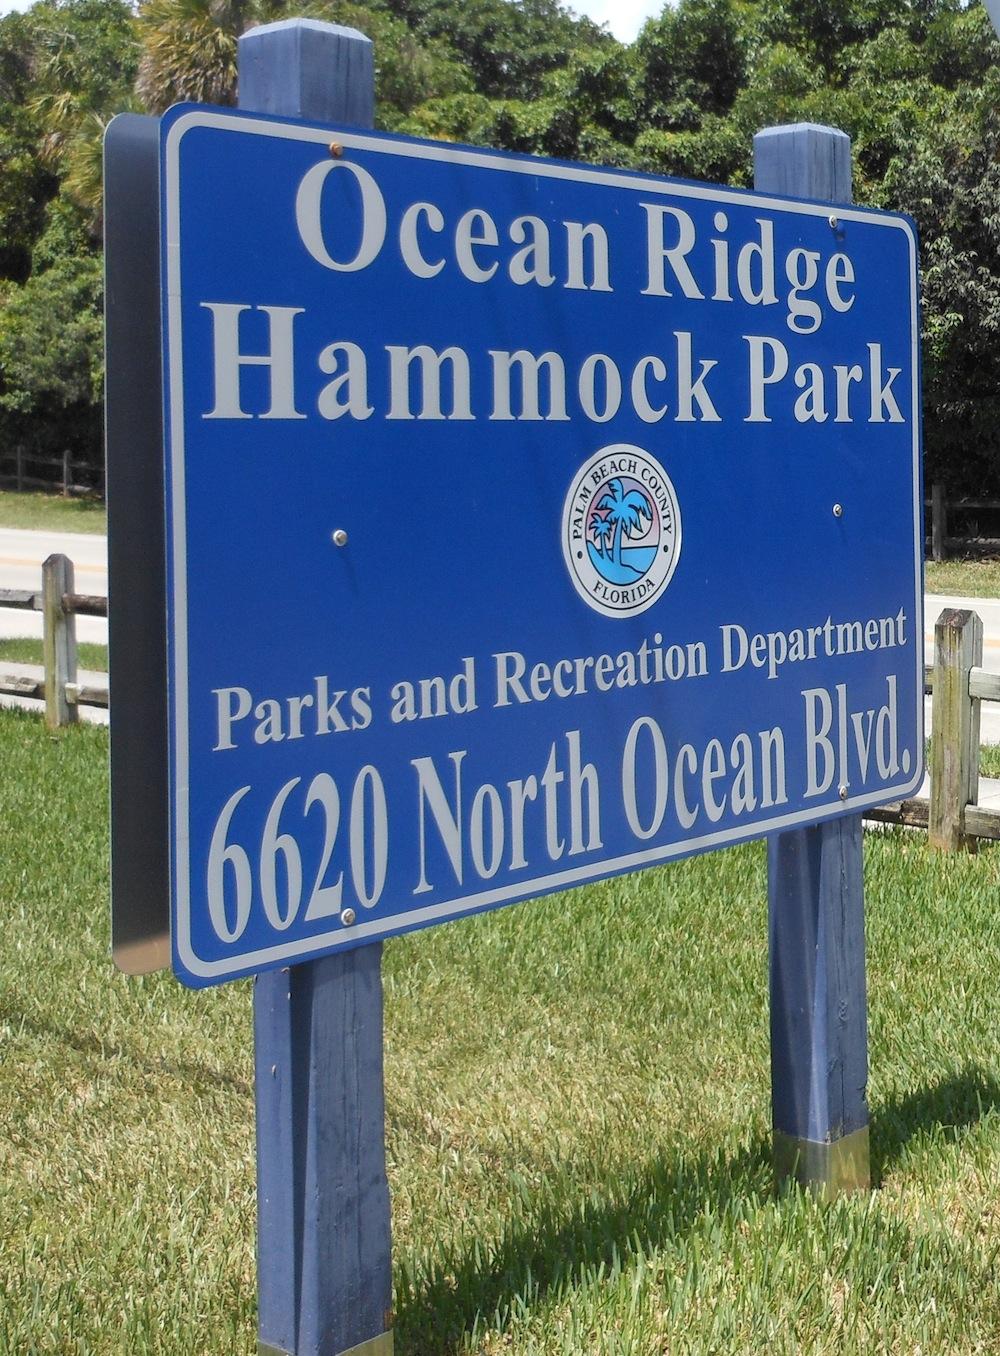 Perfect ... Ocean Ridge Hammock Park